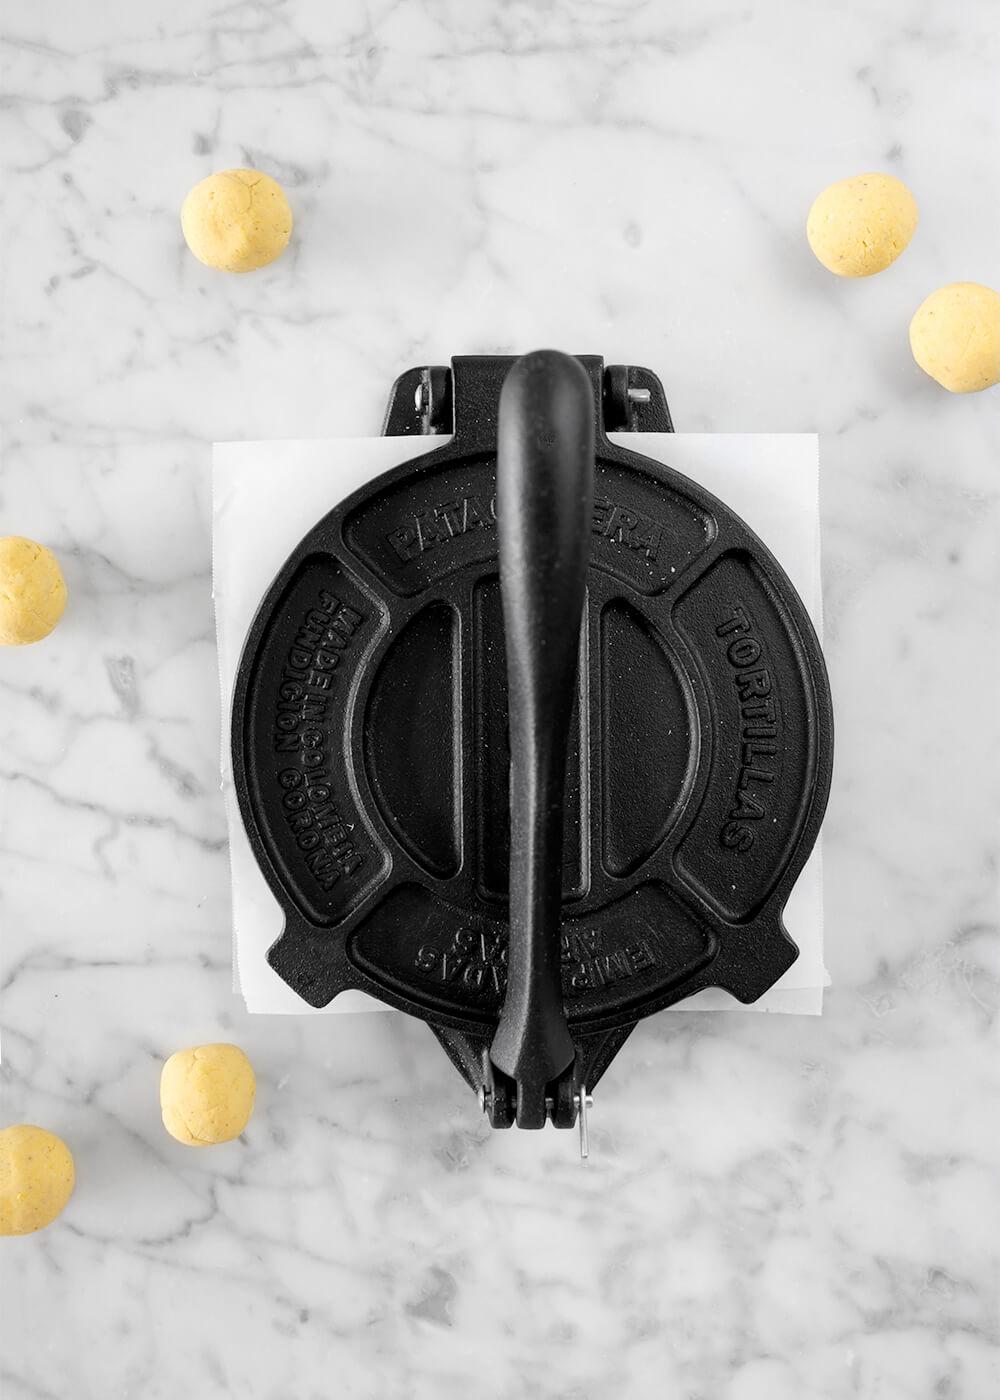 Corn Tortilla Press